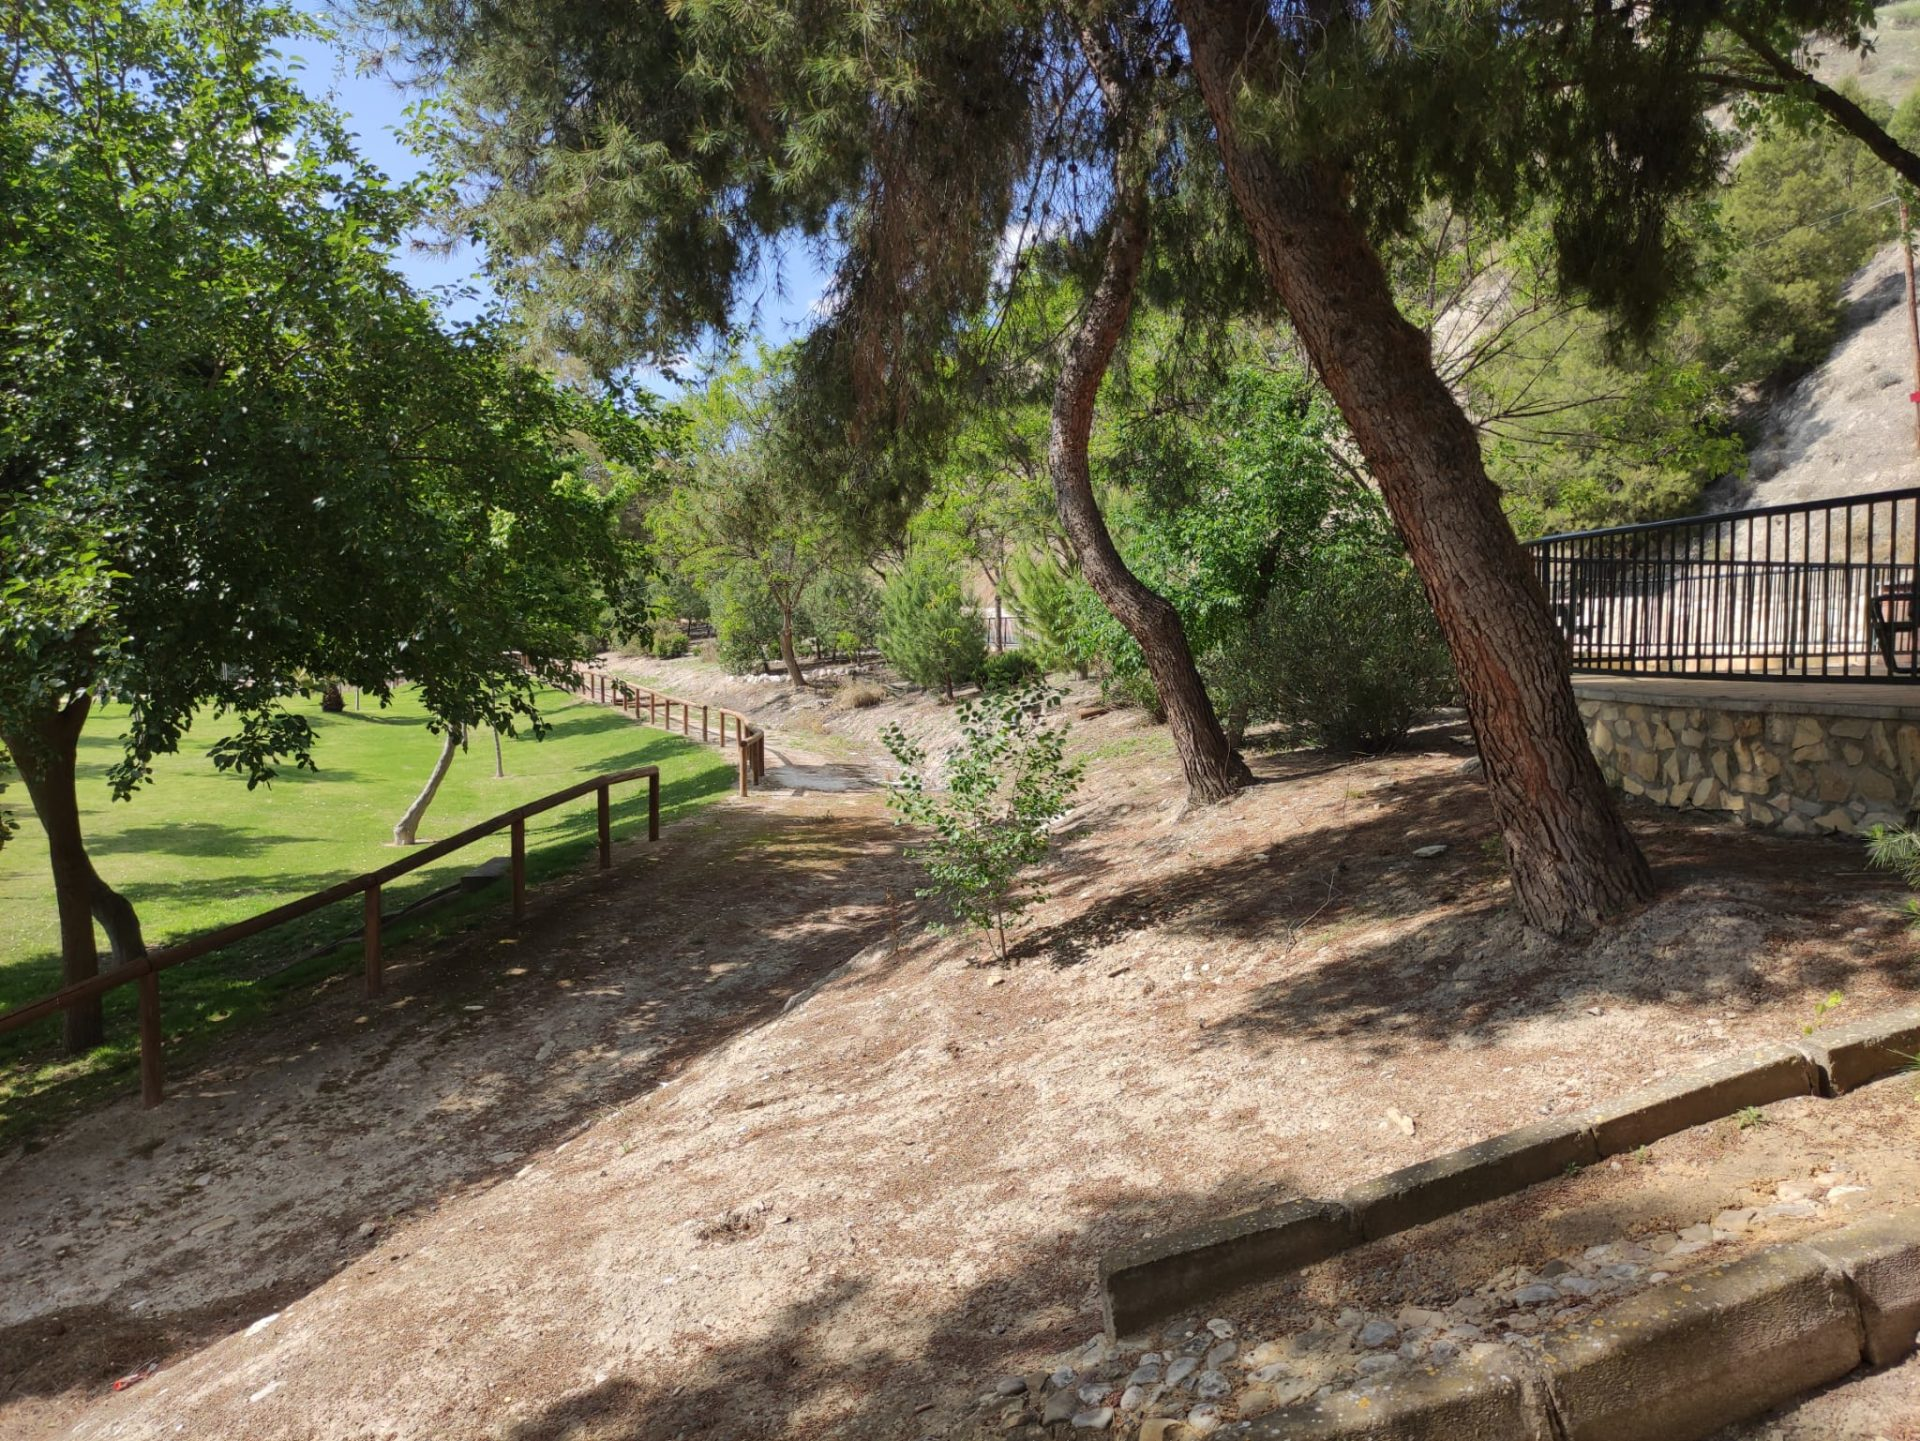 El Ayuntamiento de Lucena ampliará en Jauja los jardines en el entorno del río Genil 1